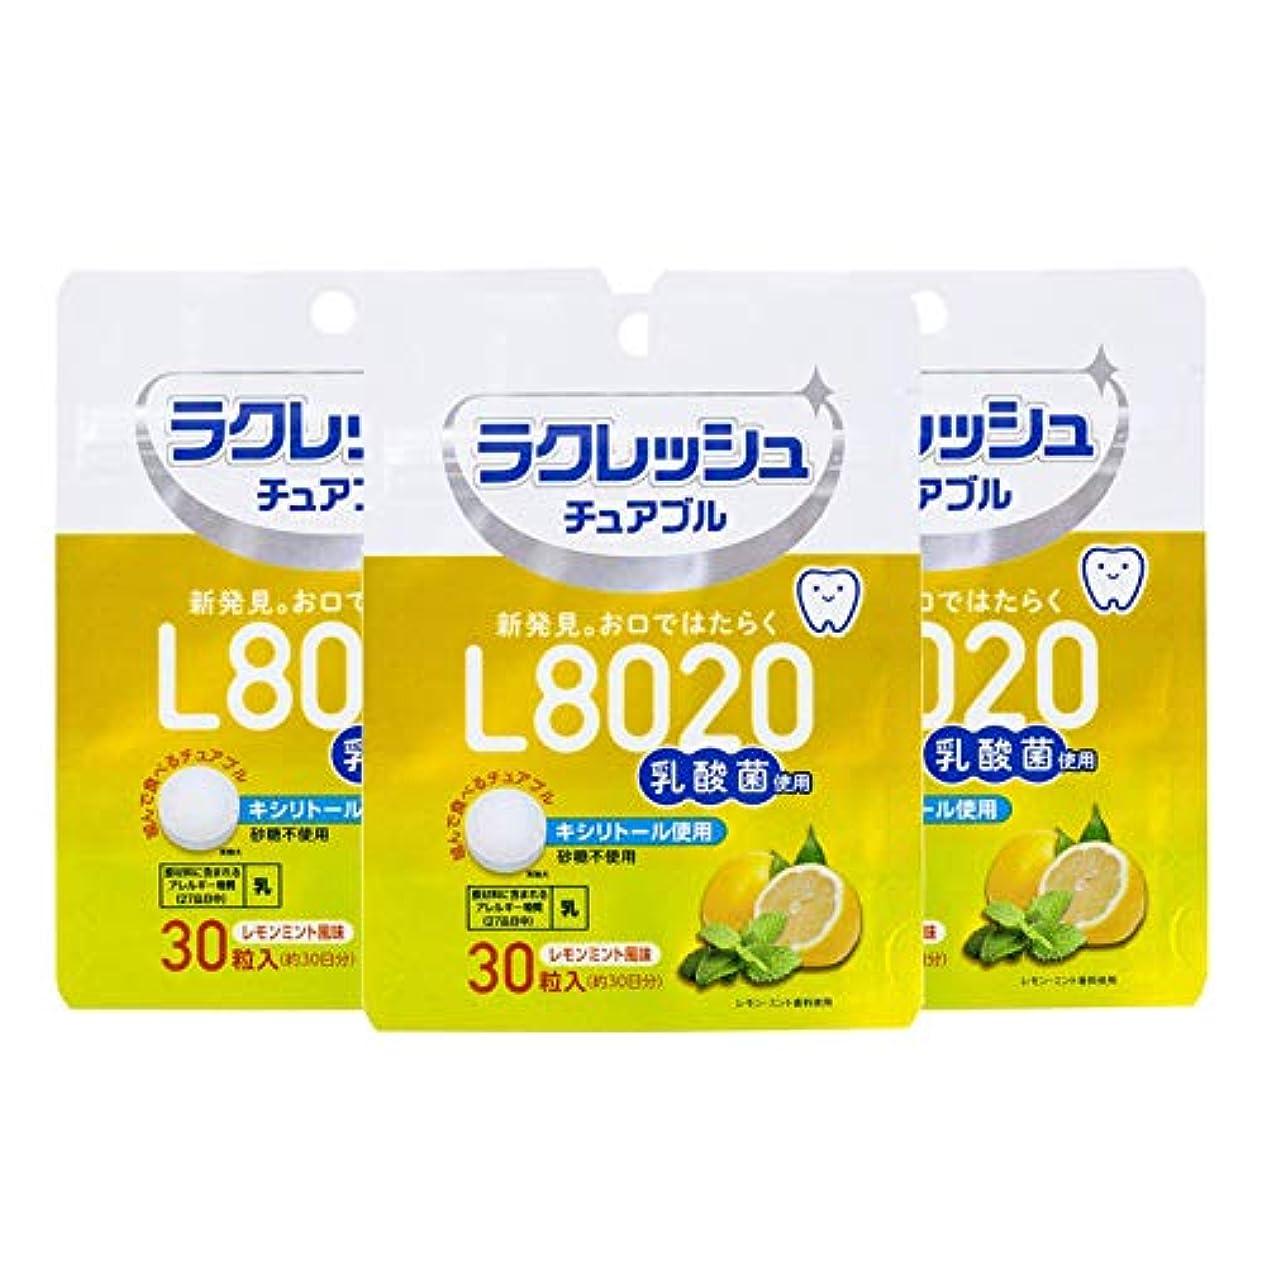 アクセサリーほめる一般的に言えばL8020乳酸菌ラクレッシュ チュアブル レモンミント風味(30粒) 3袋 タブレット